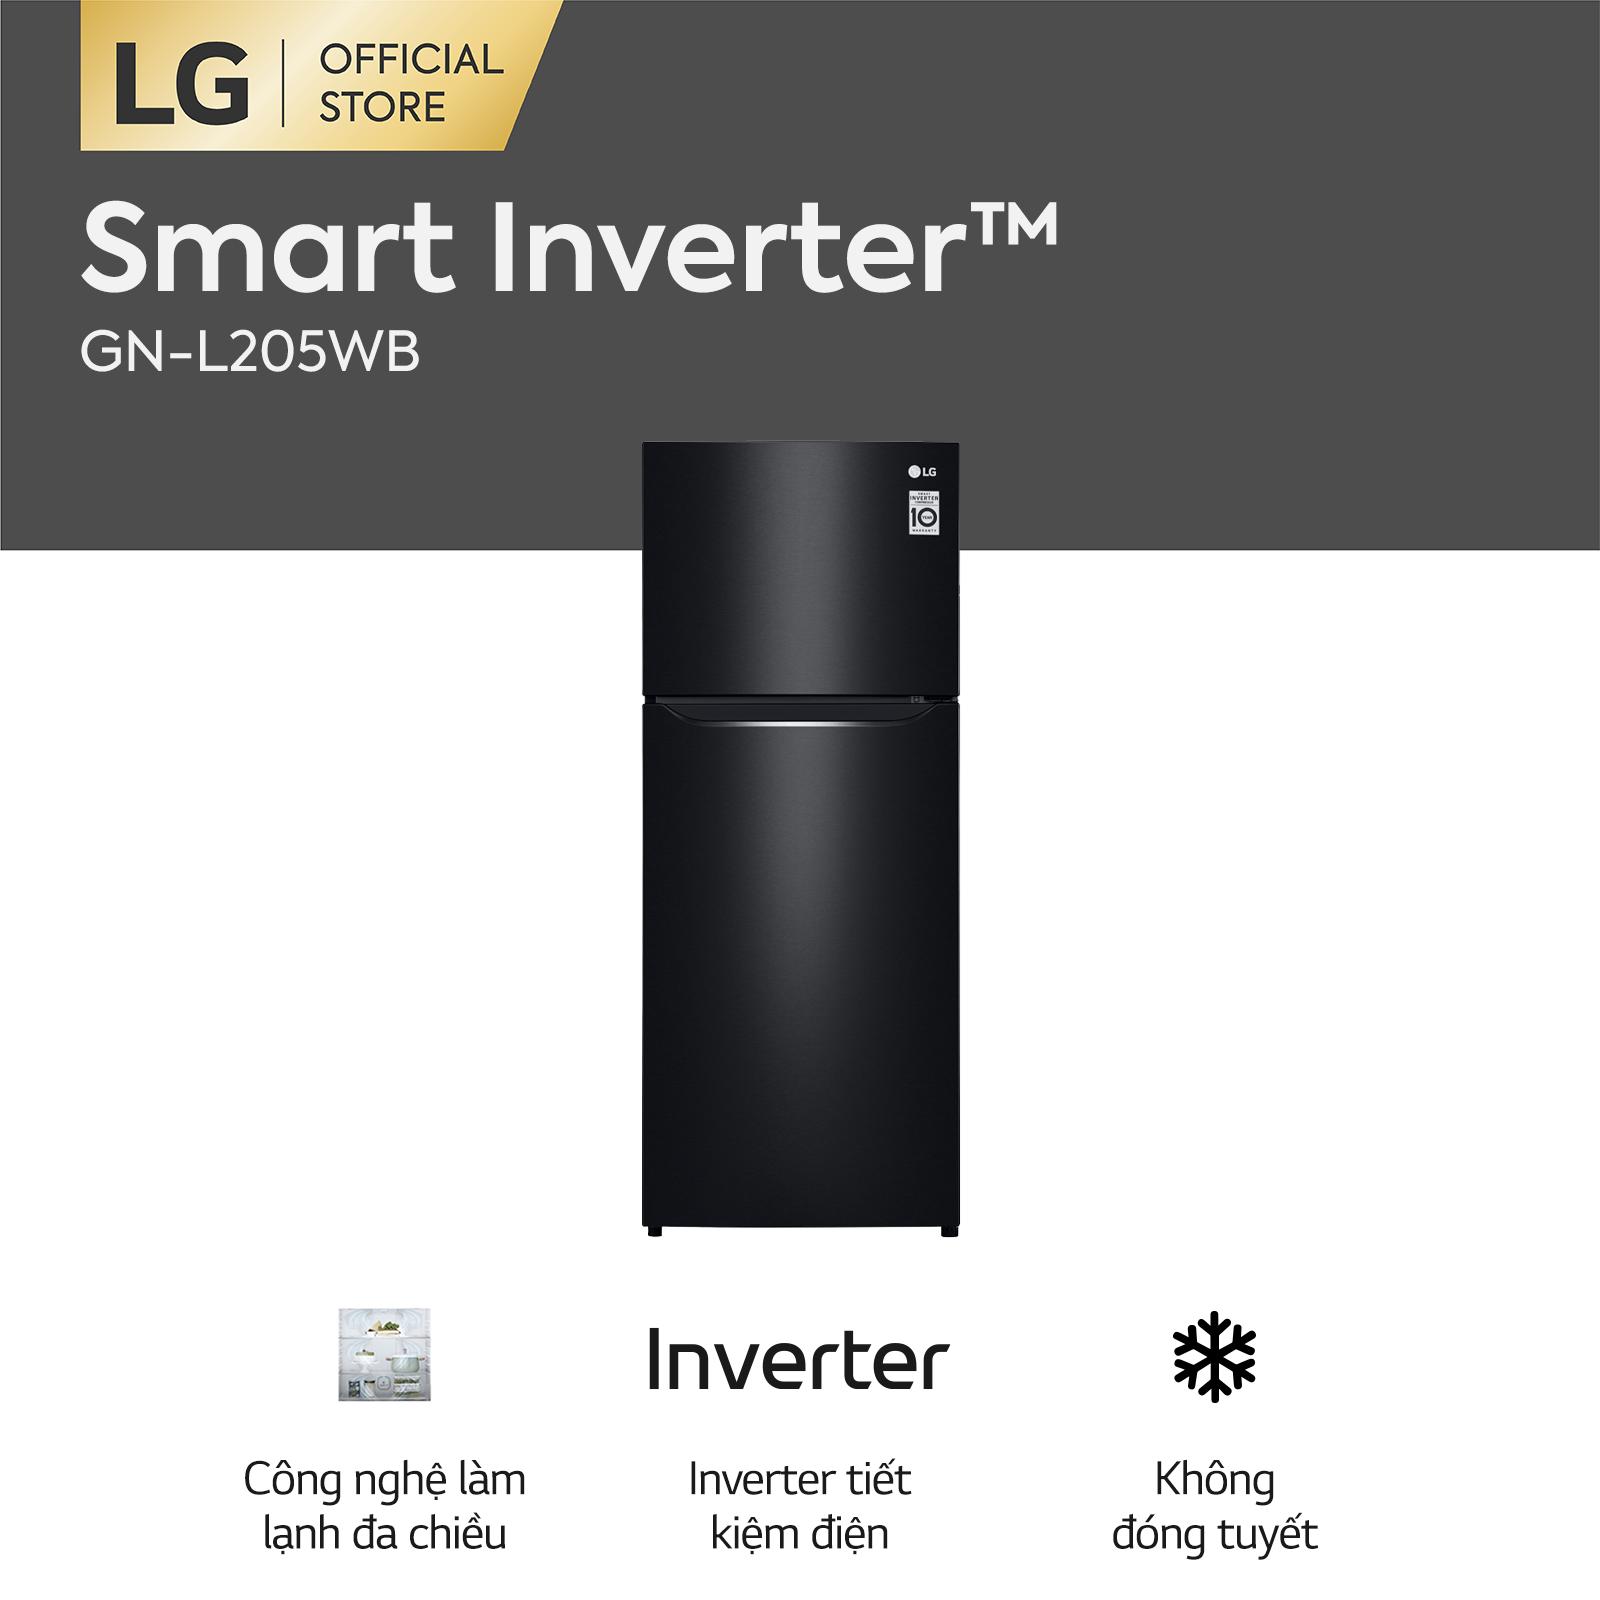 [FREESHIP 500K TOÀN QUỐC] Tủ lạnh LG Smart Inverter ngăn đá trên GN-L205WB 187L (Đen) 55.5×140×62cm – Hãng phân phối chính thức